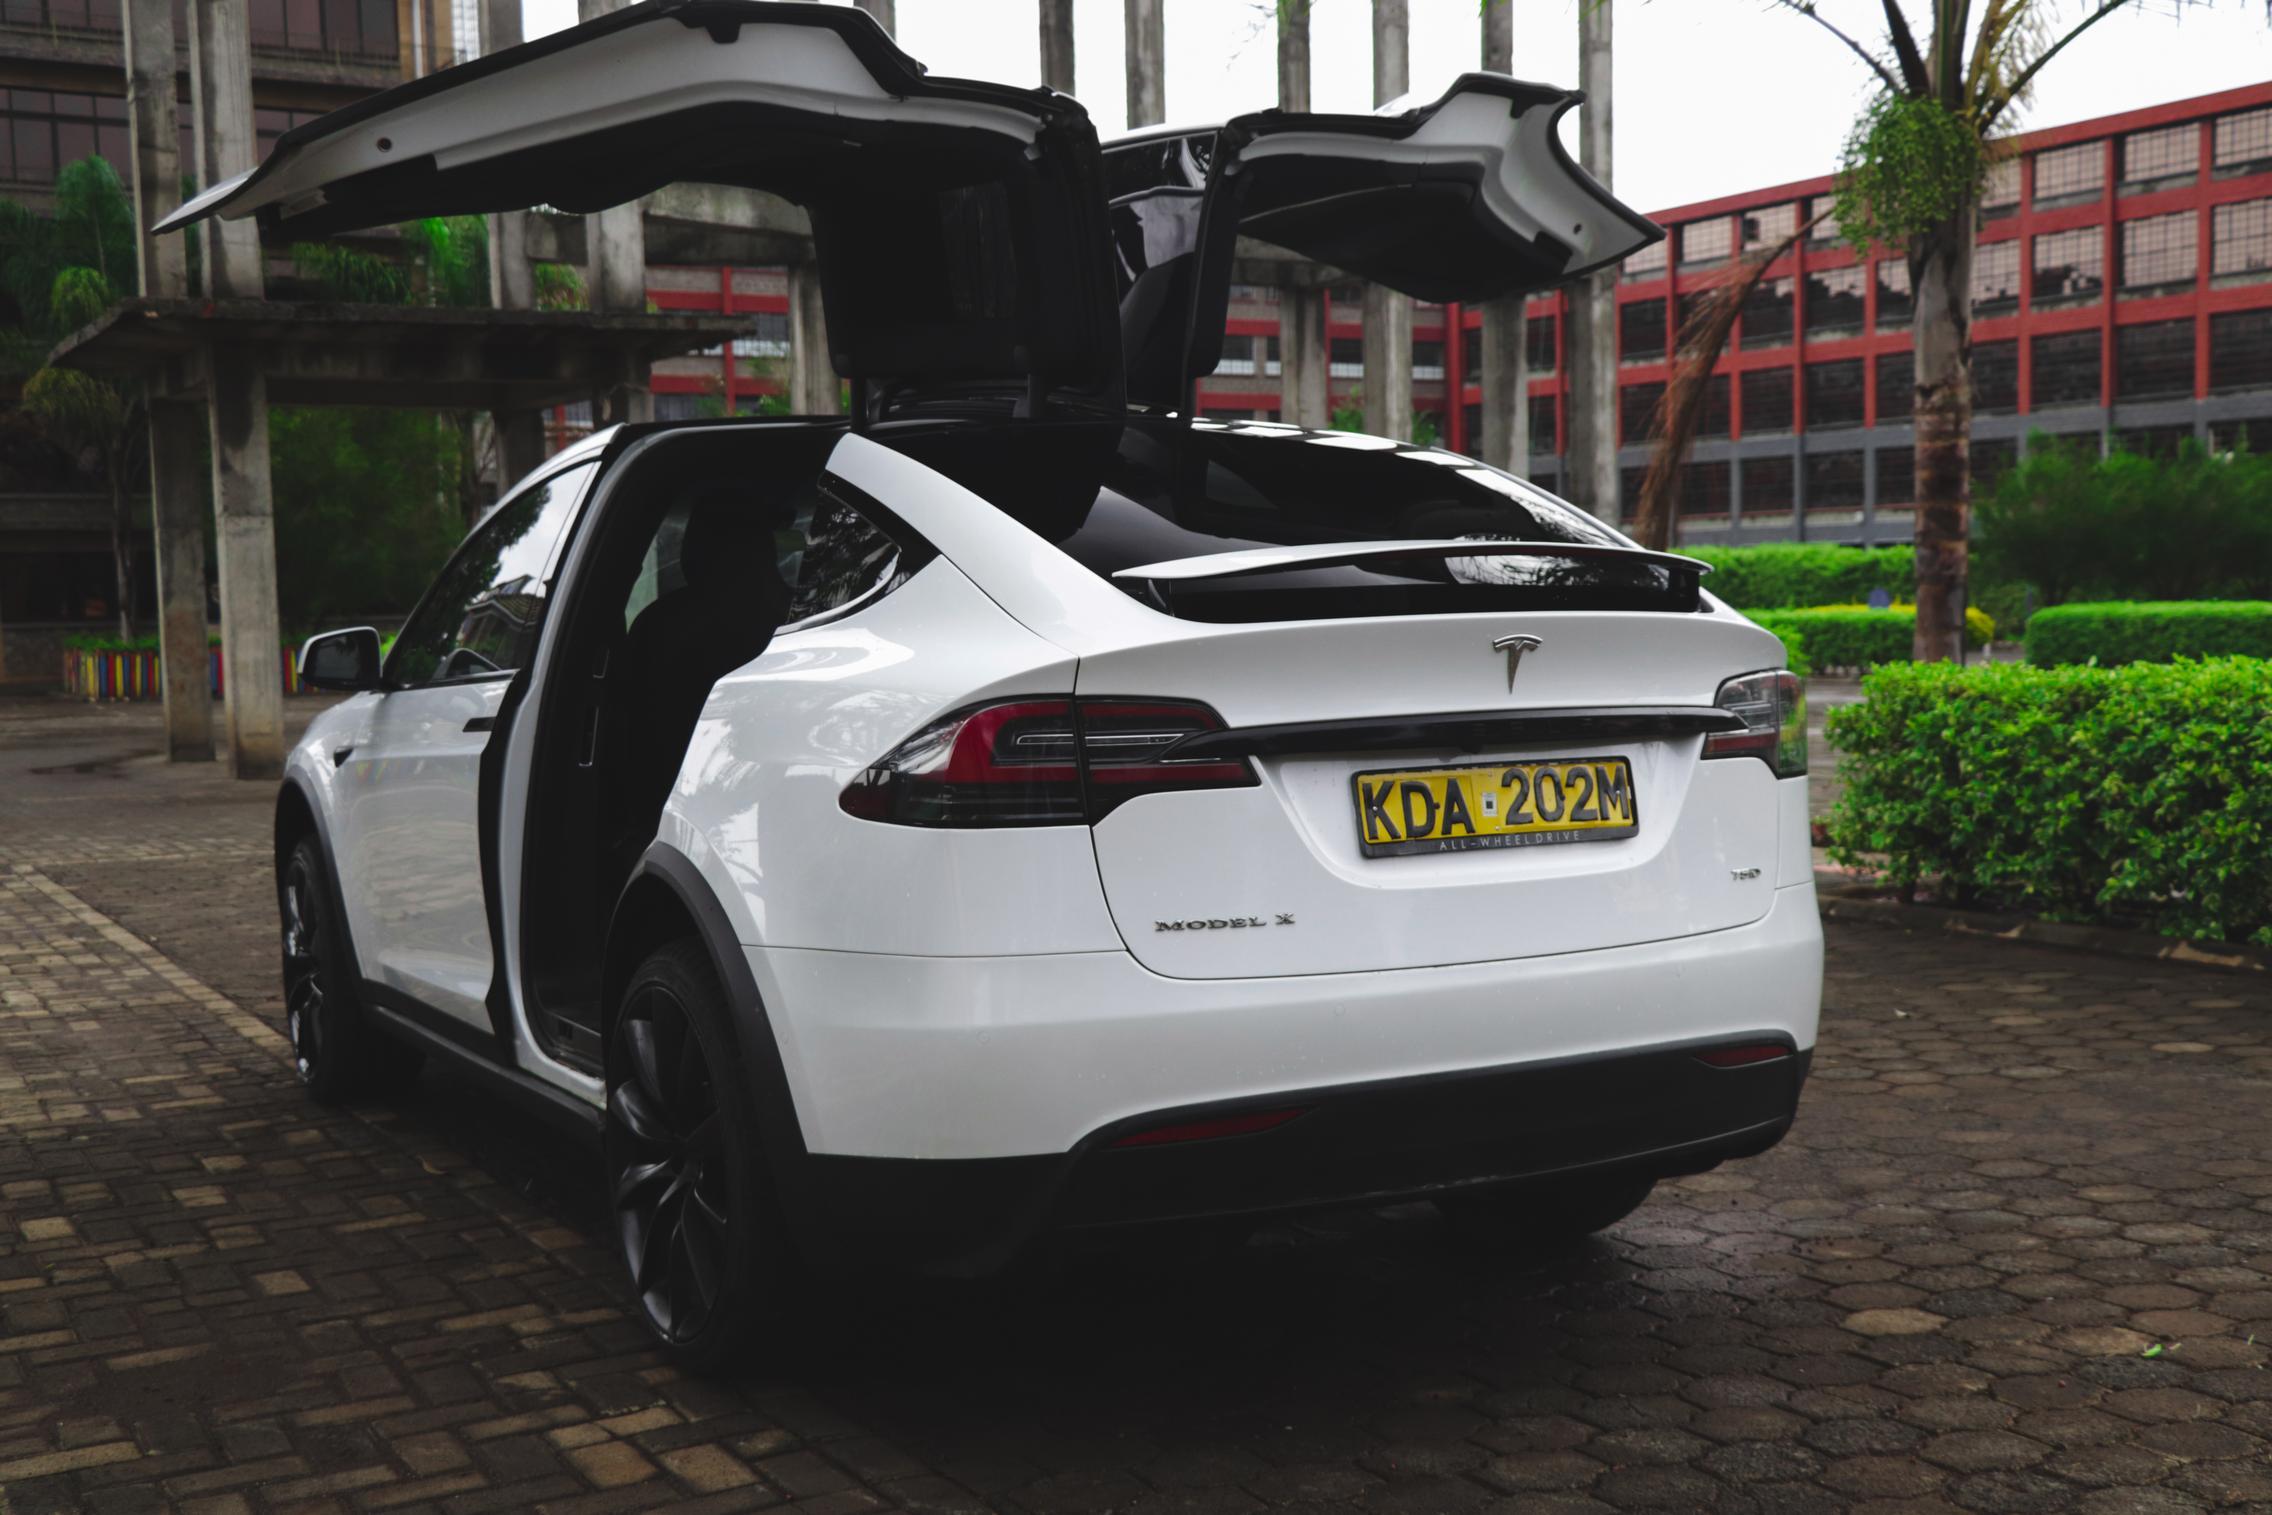 Telsa Model X white